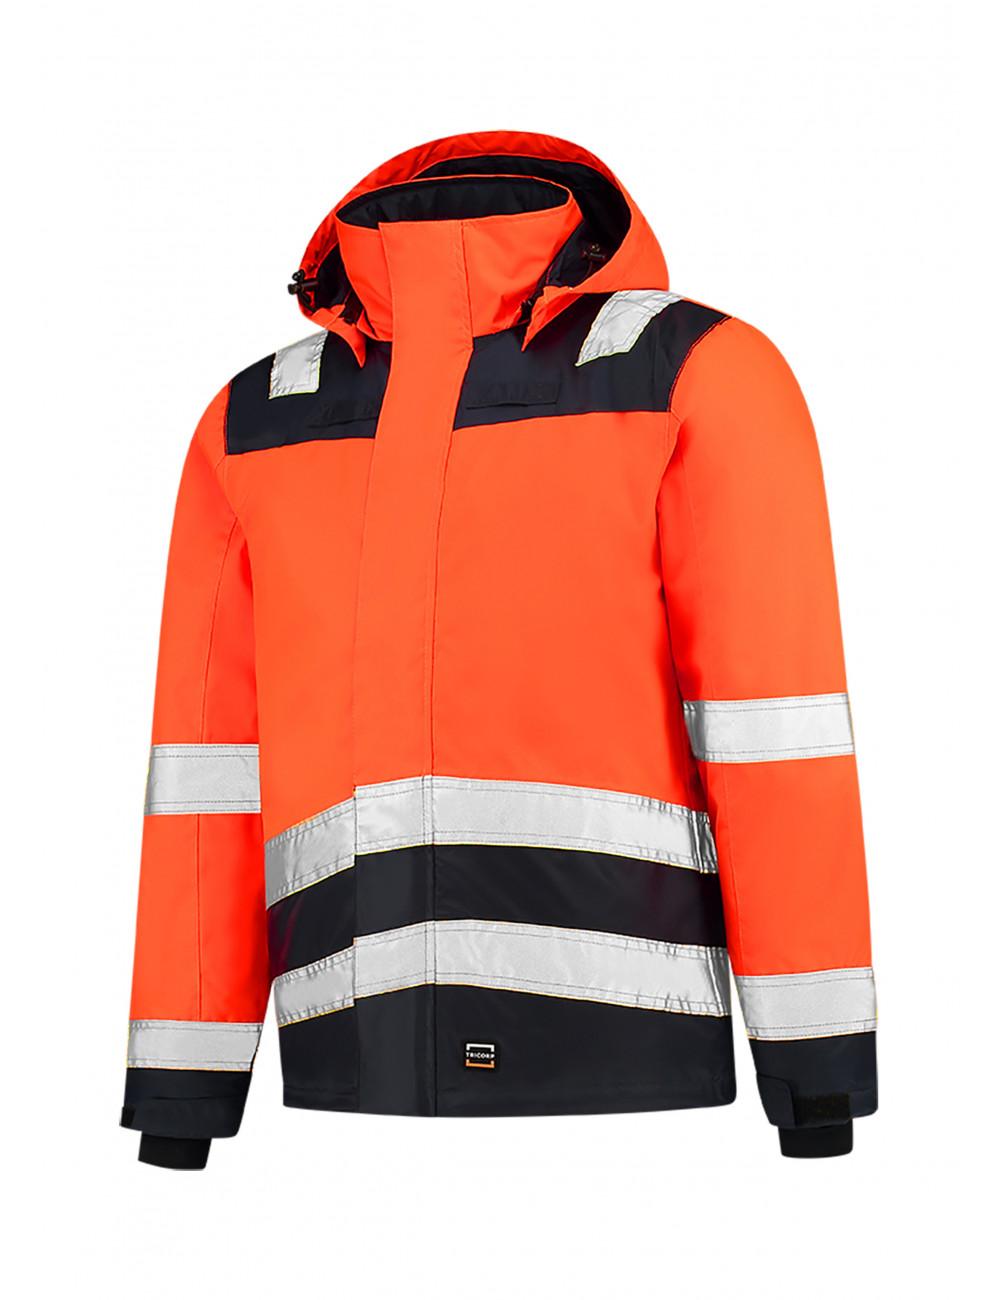 Adler TRICORP Kurtka robocze unisex Midi Parka High Vis Bicolor T51 fluorescencyjny pomarańczowy